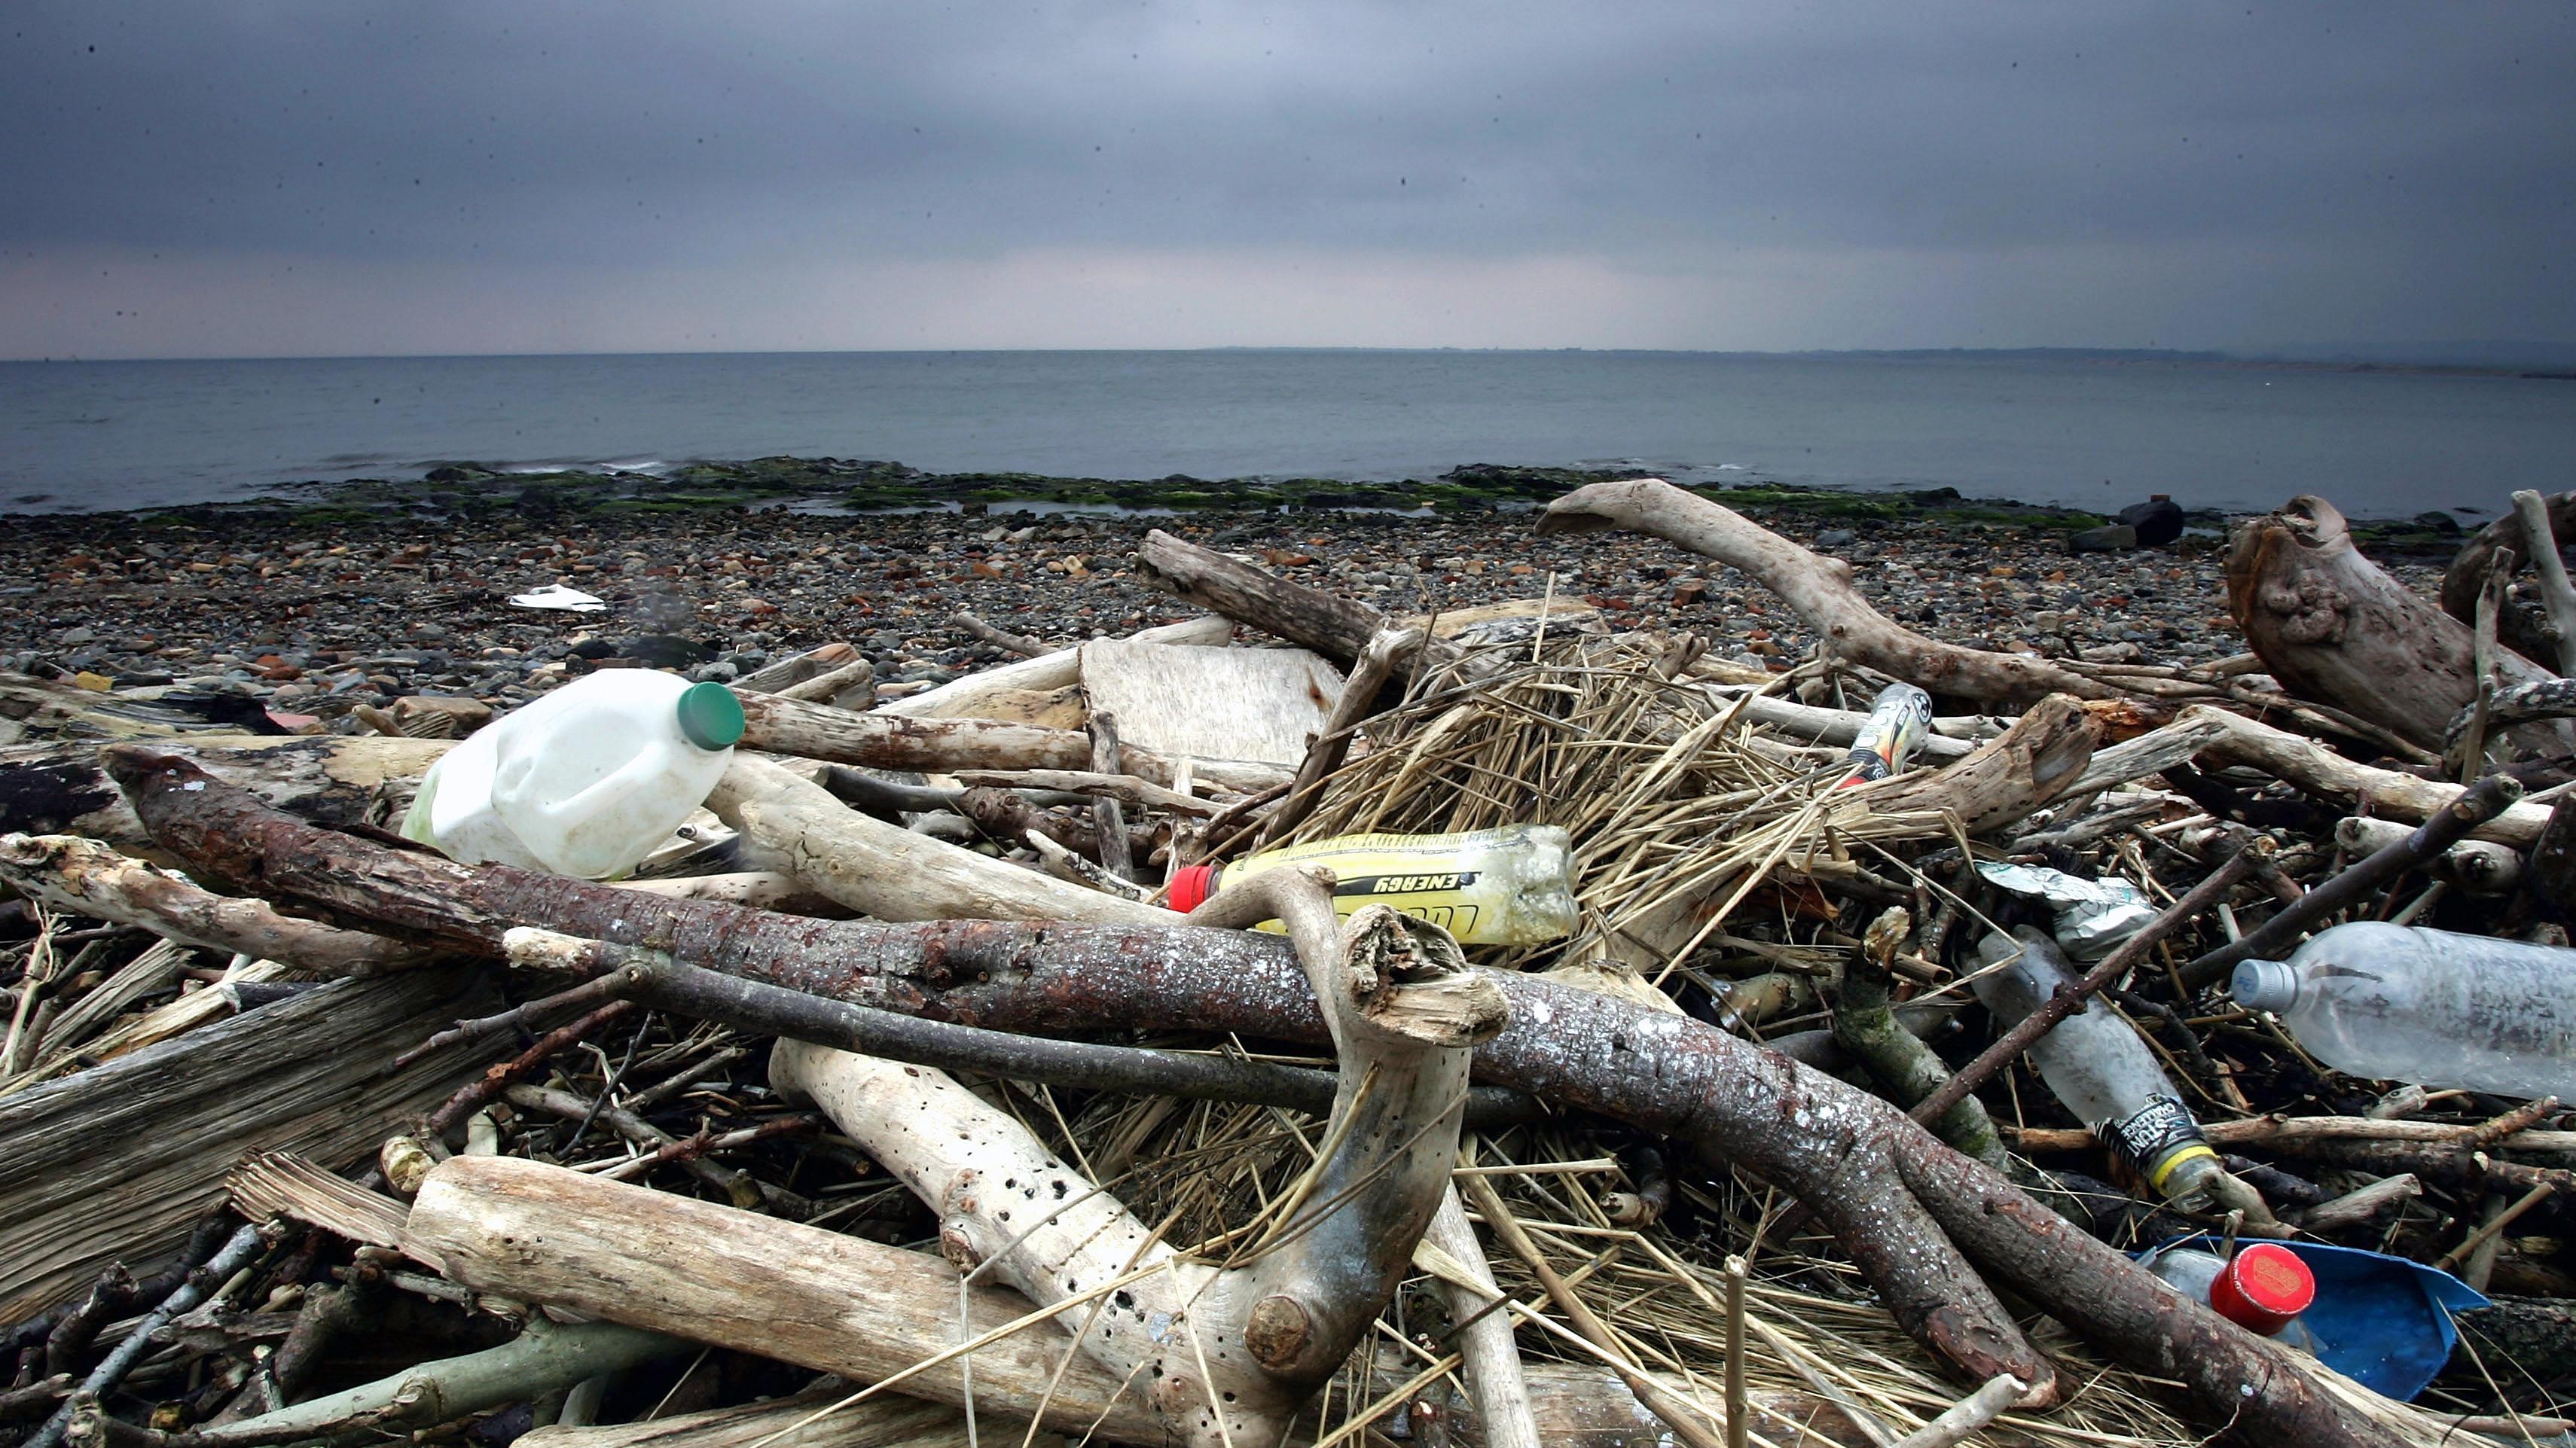 Plastikverpackungen in der EU sollen bis 2030 recycelbar sein